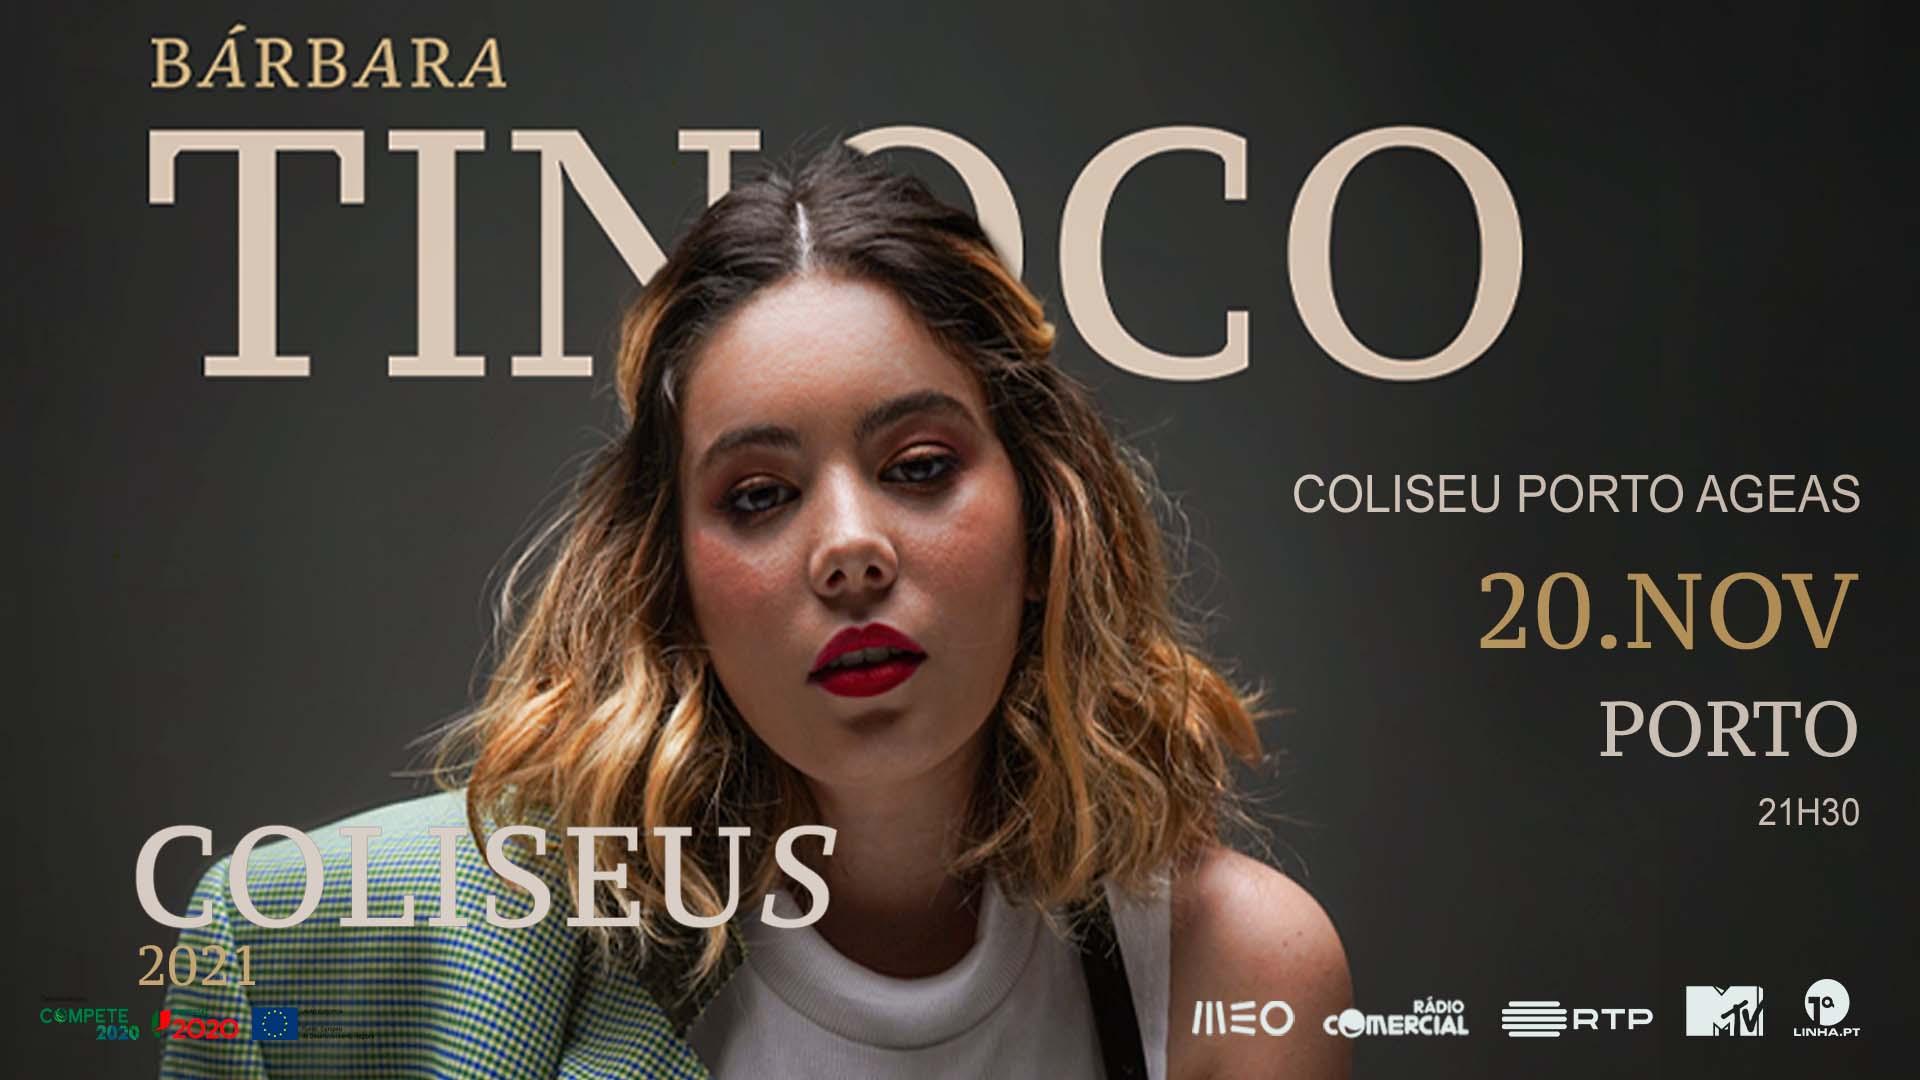 Bárbara Tinoco - Coliseu Porto Ageas